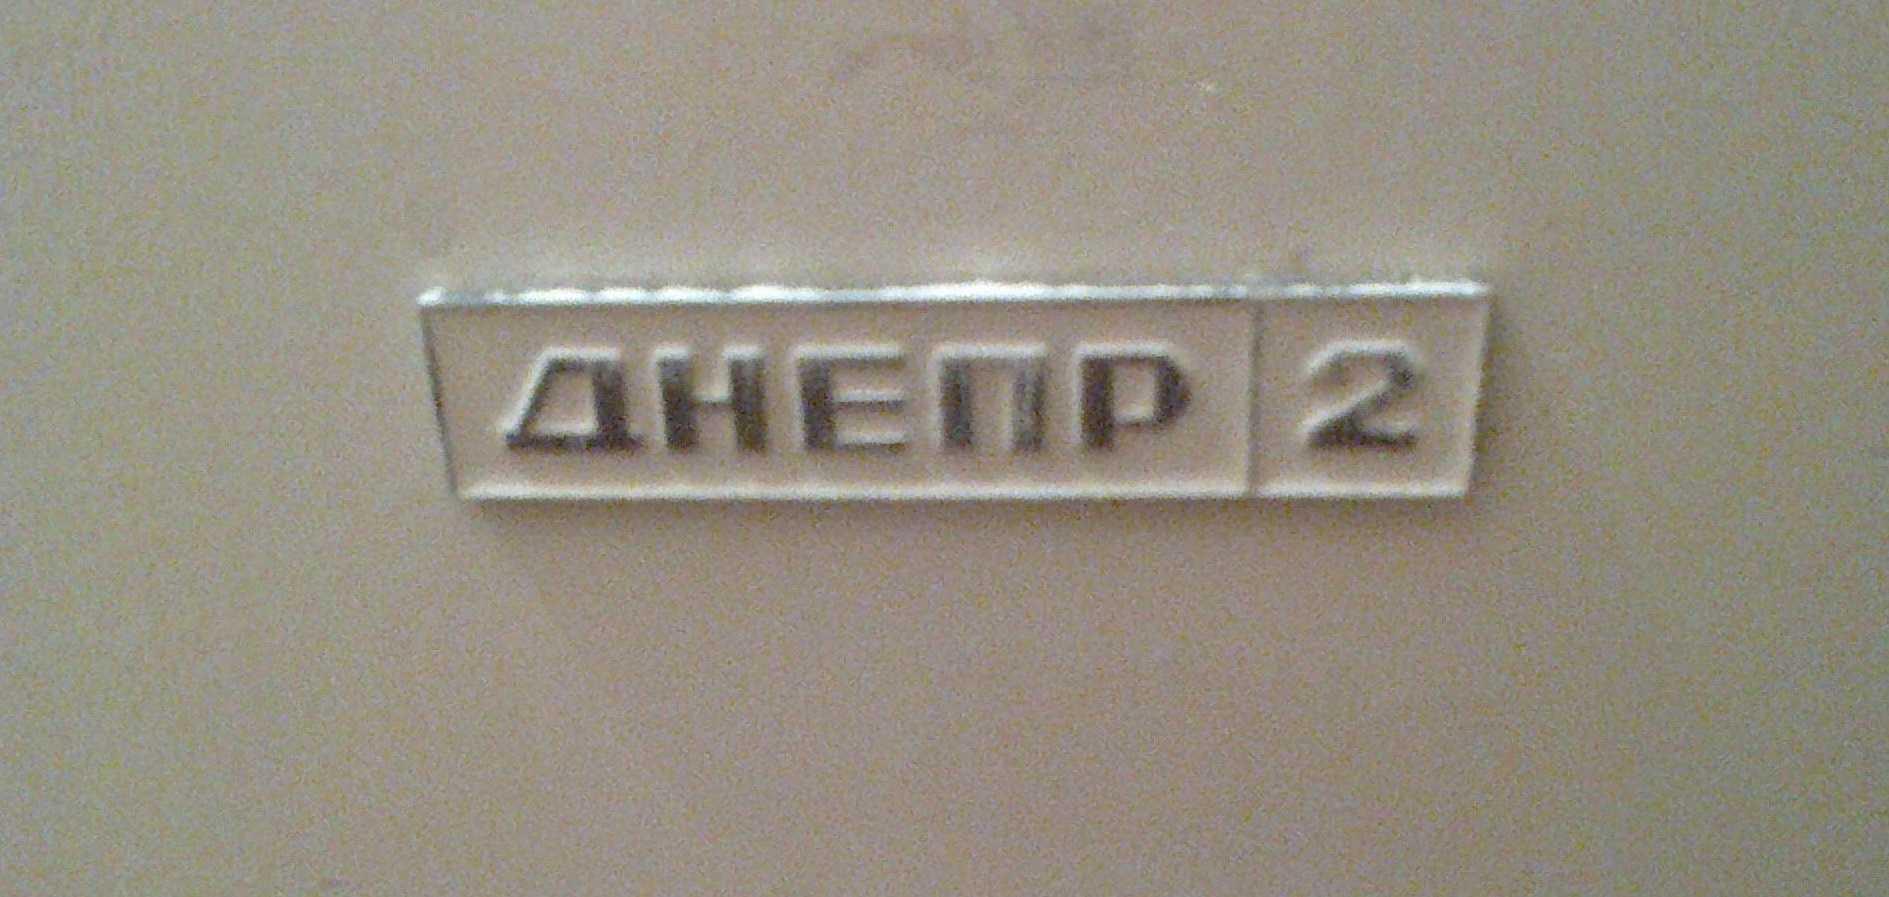 2 - История о сдаче холодильника Днепр-2 на металлолом